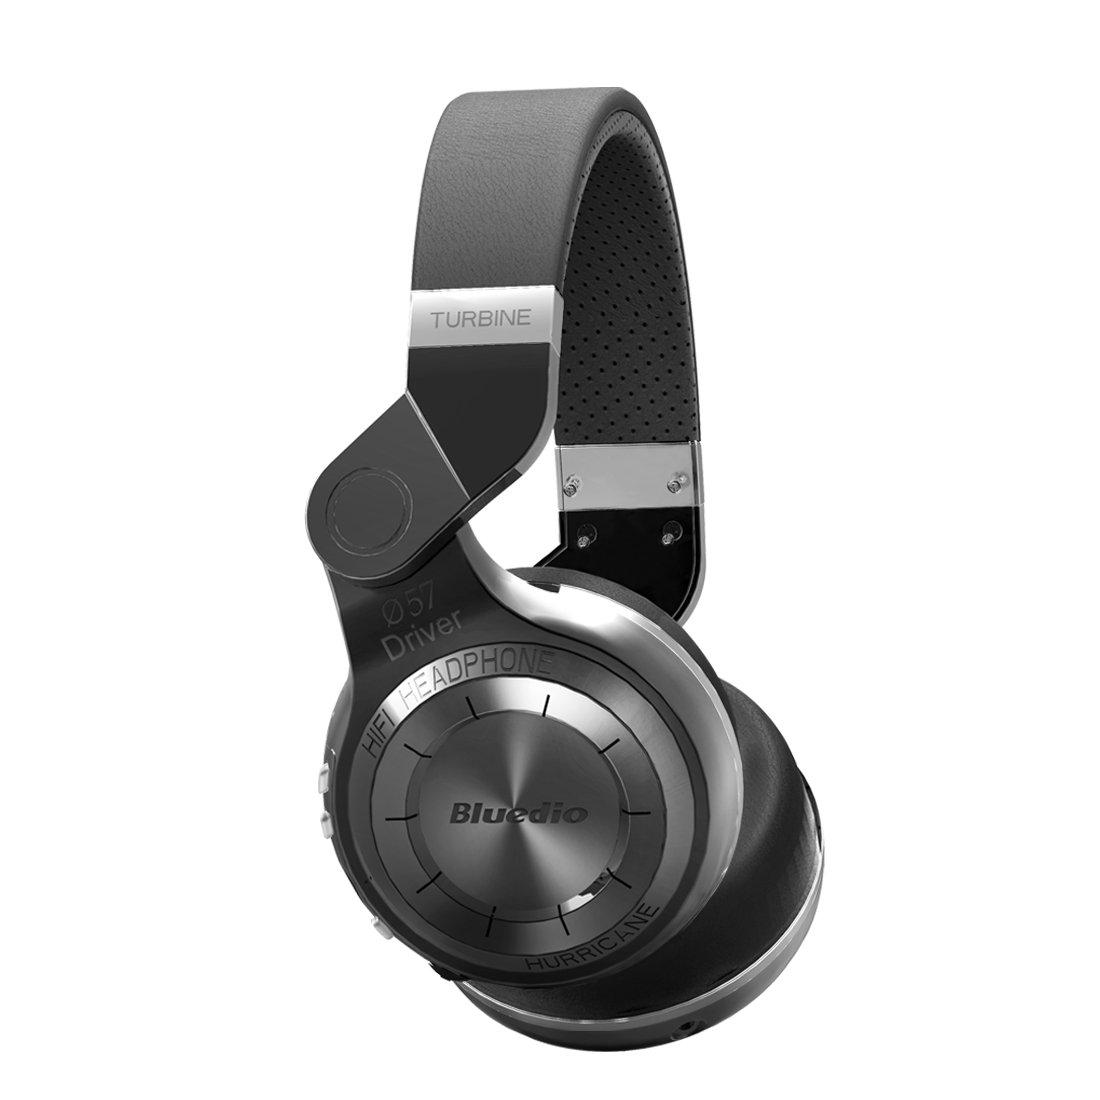 Best Cheap Bluetooth Headphones (Earbuds, In-Ear, On Ear, Over Ear)